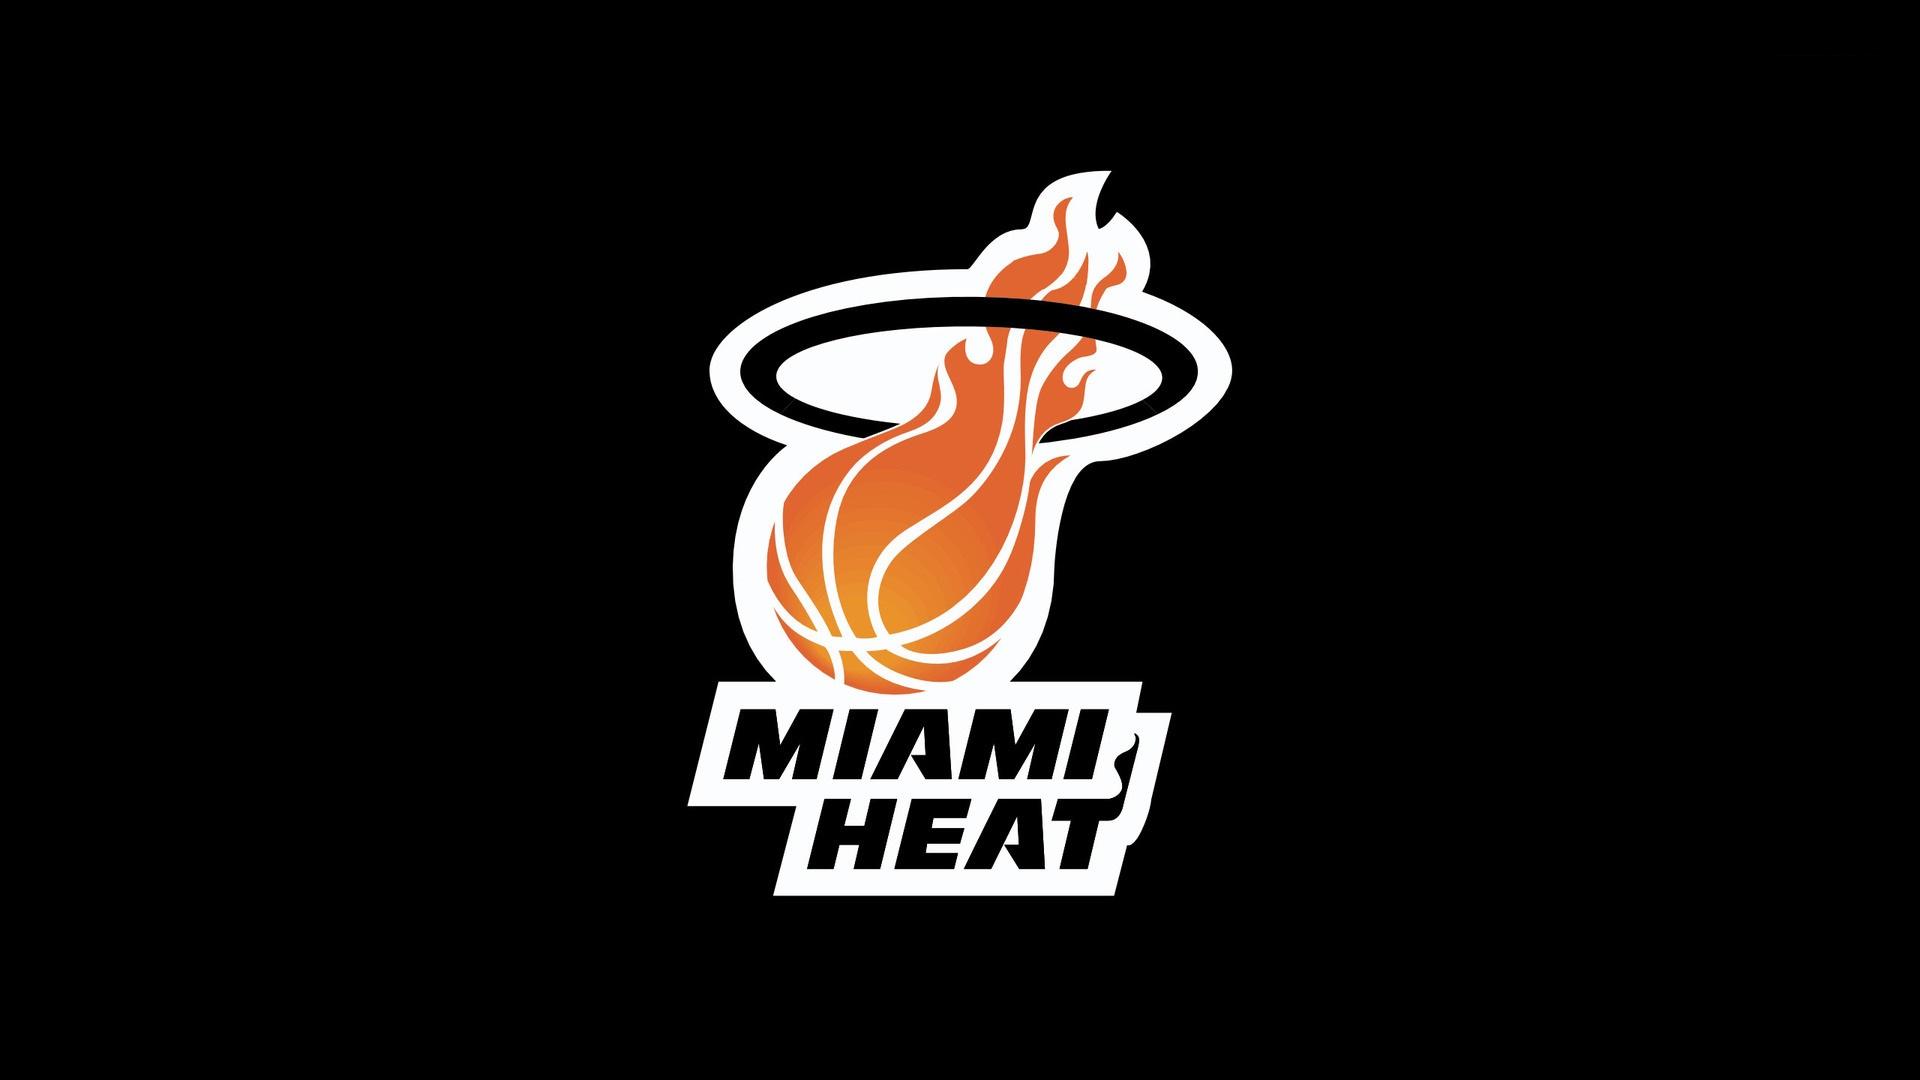 Download Miami Heat HD Wallpapers for desktop and smartphones 1920x1080